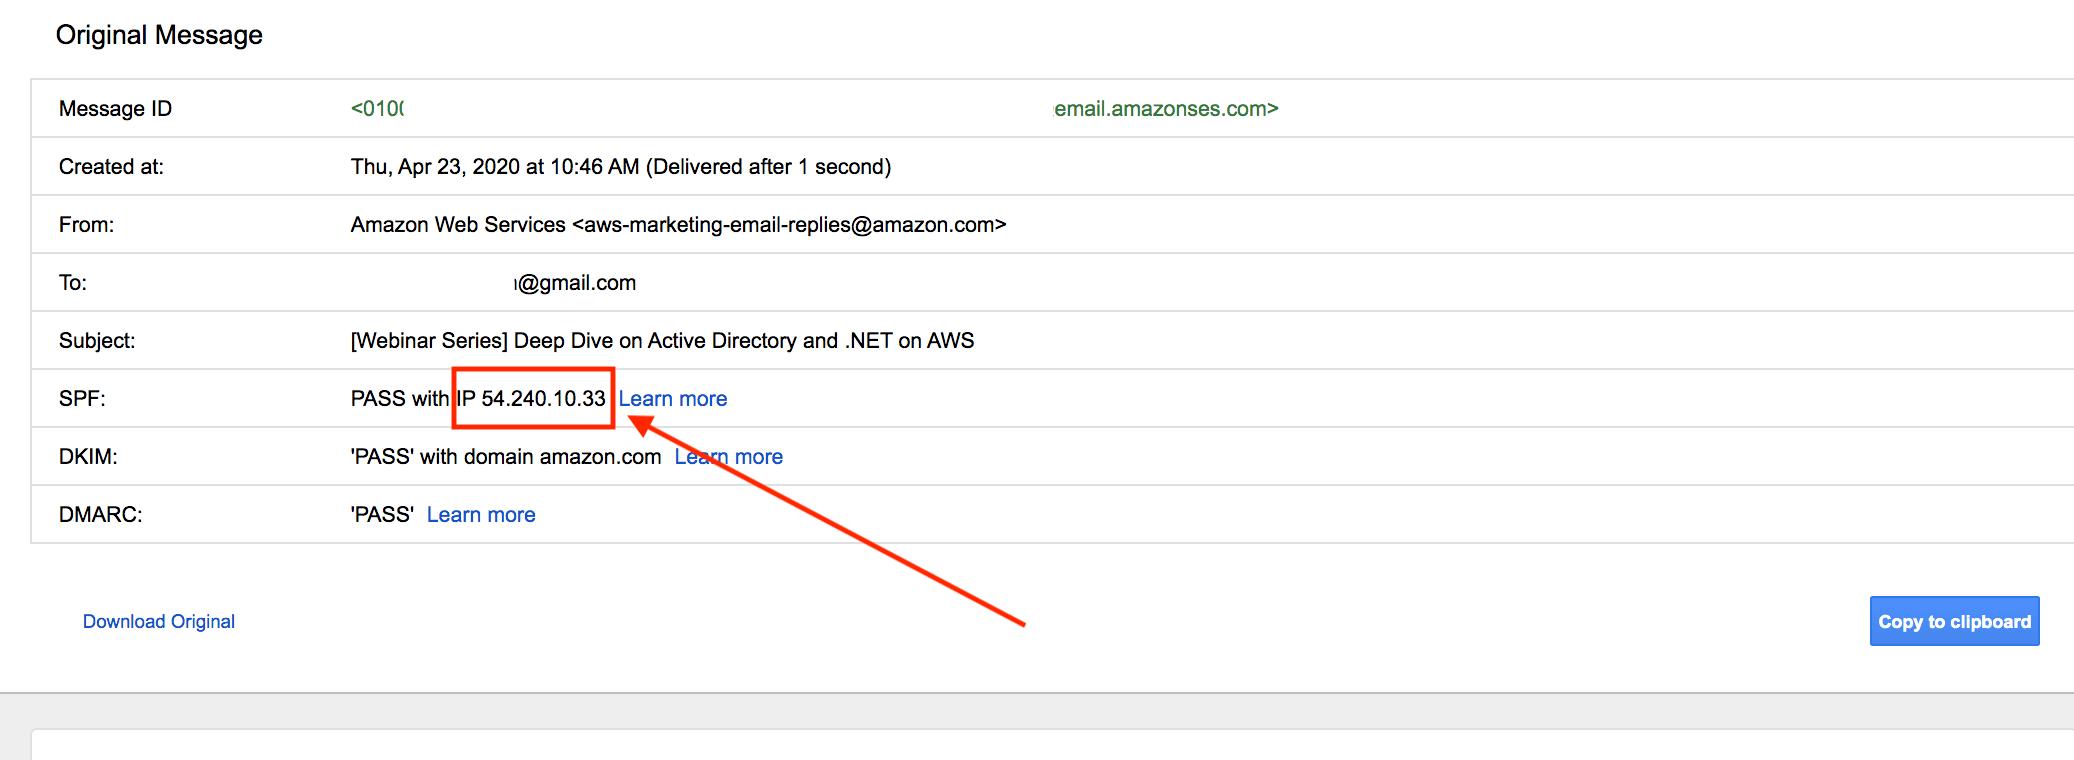 IP of the sender